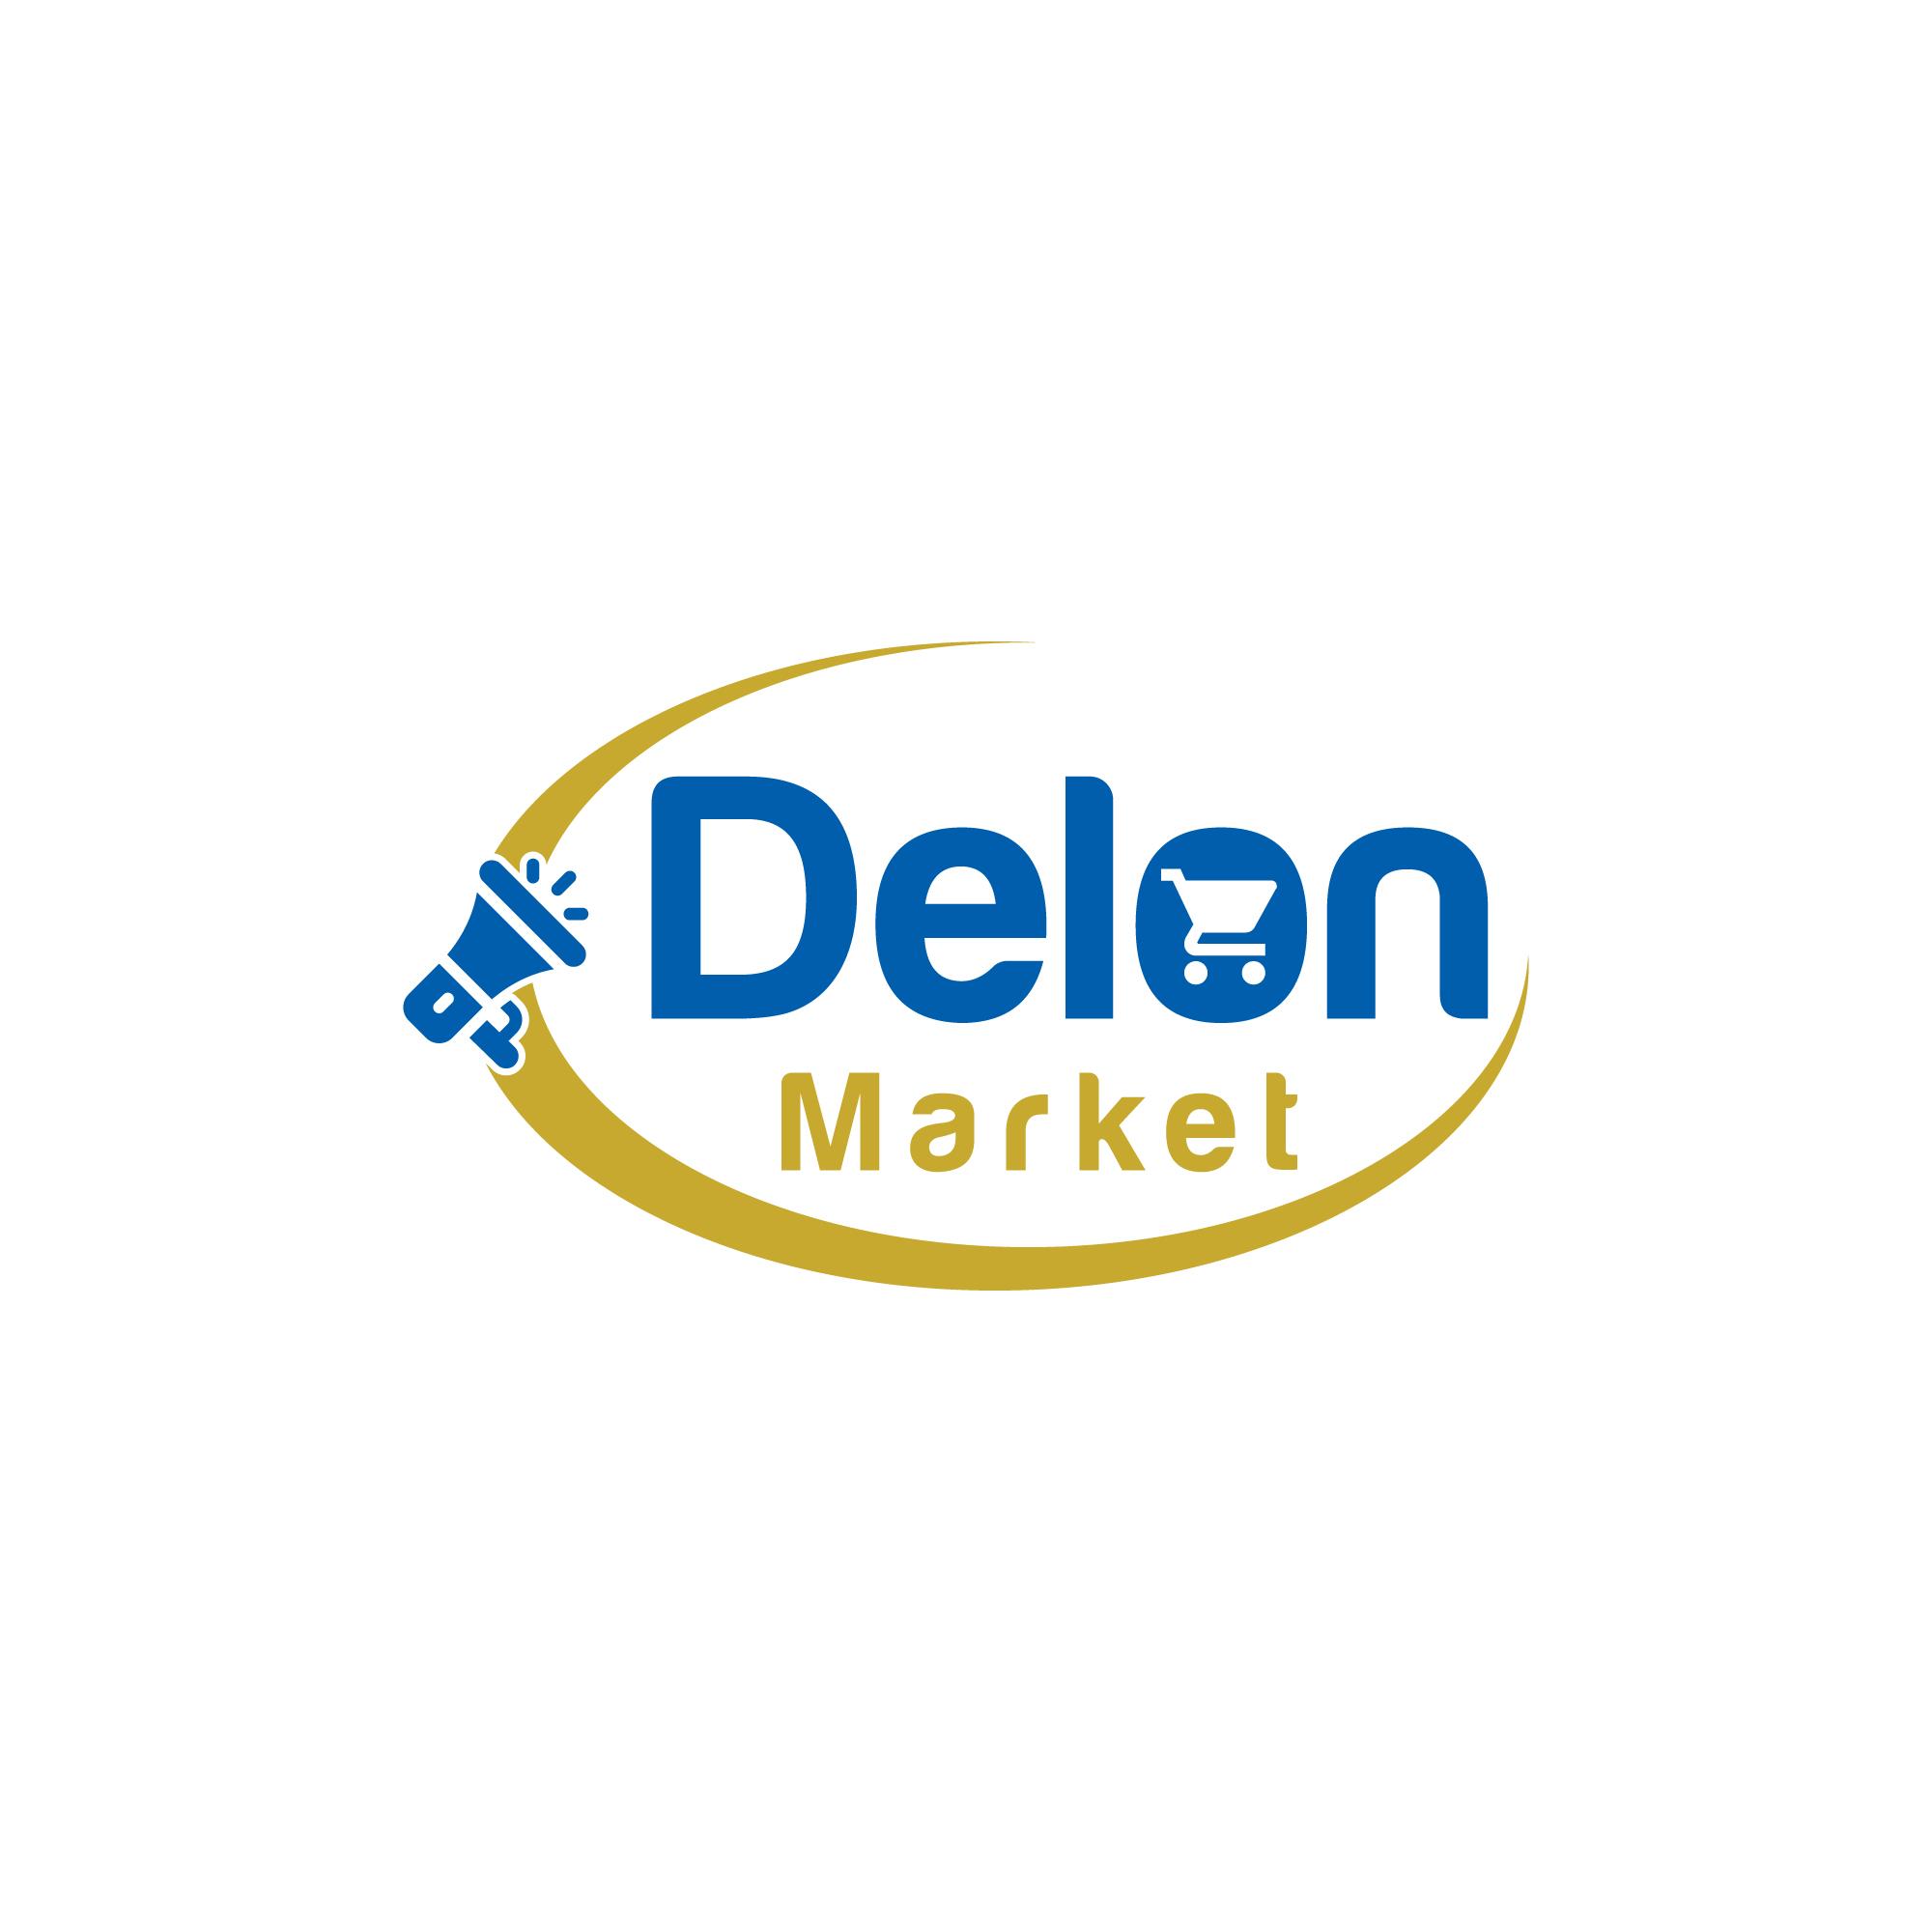 Delon vector